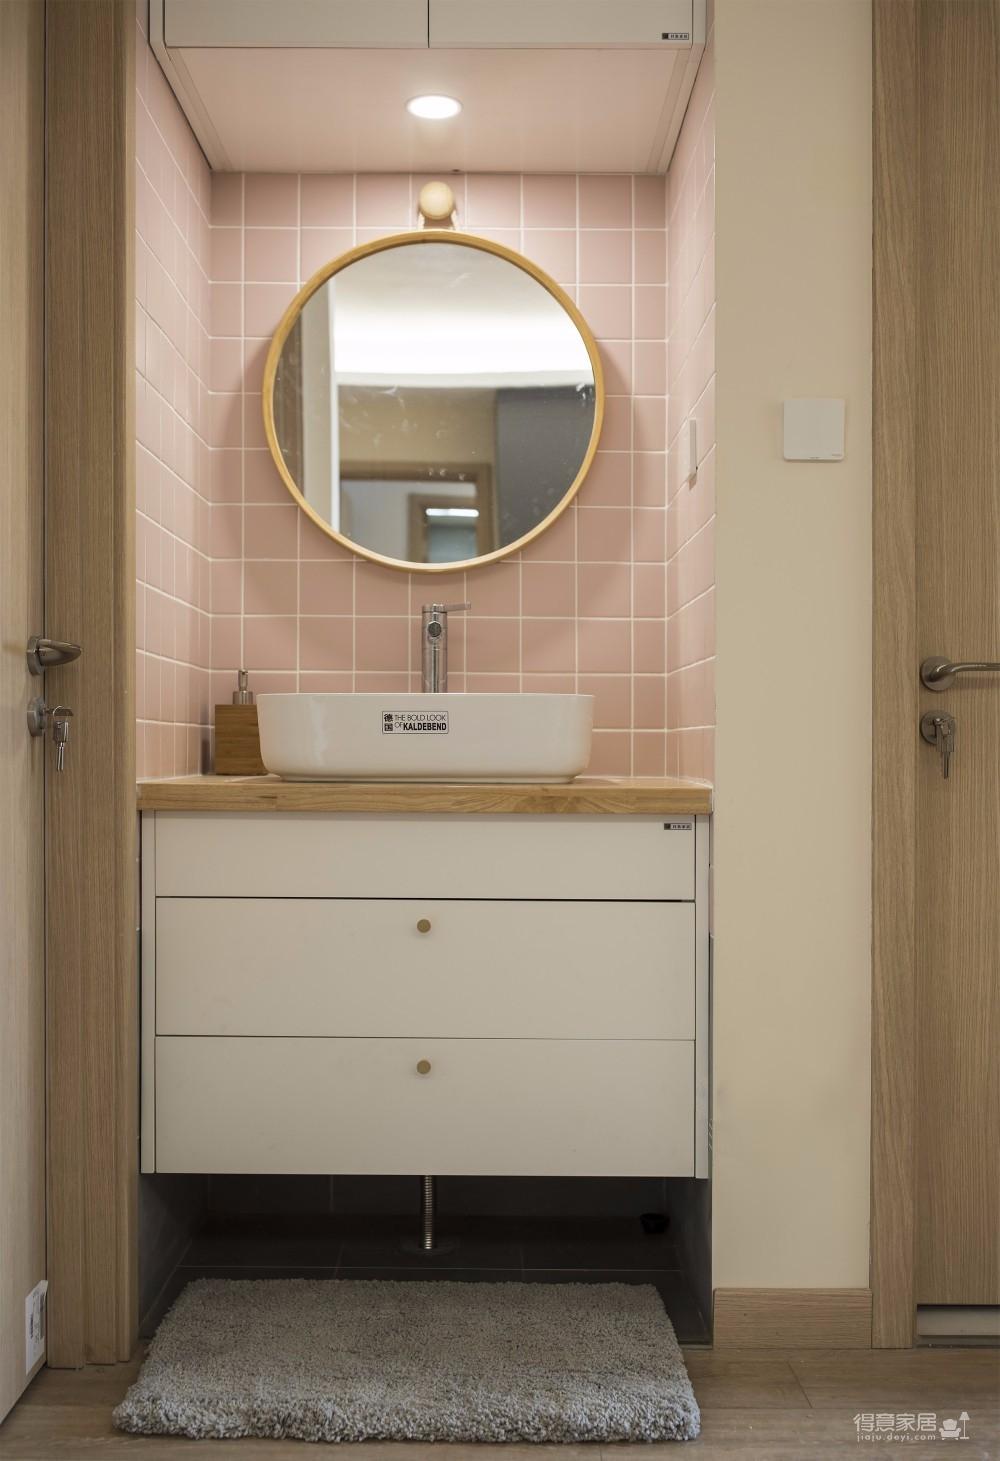 三居室日式风格精选案例图_15